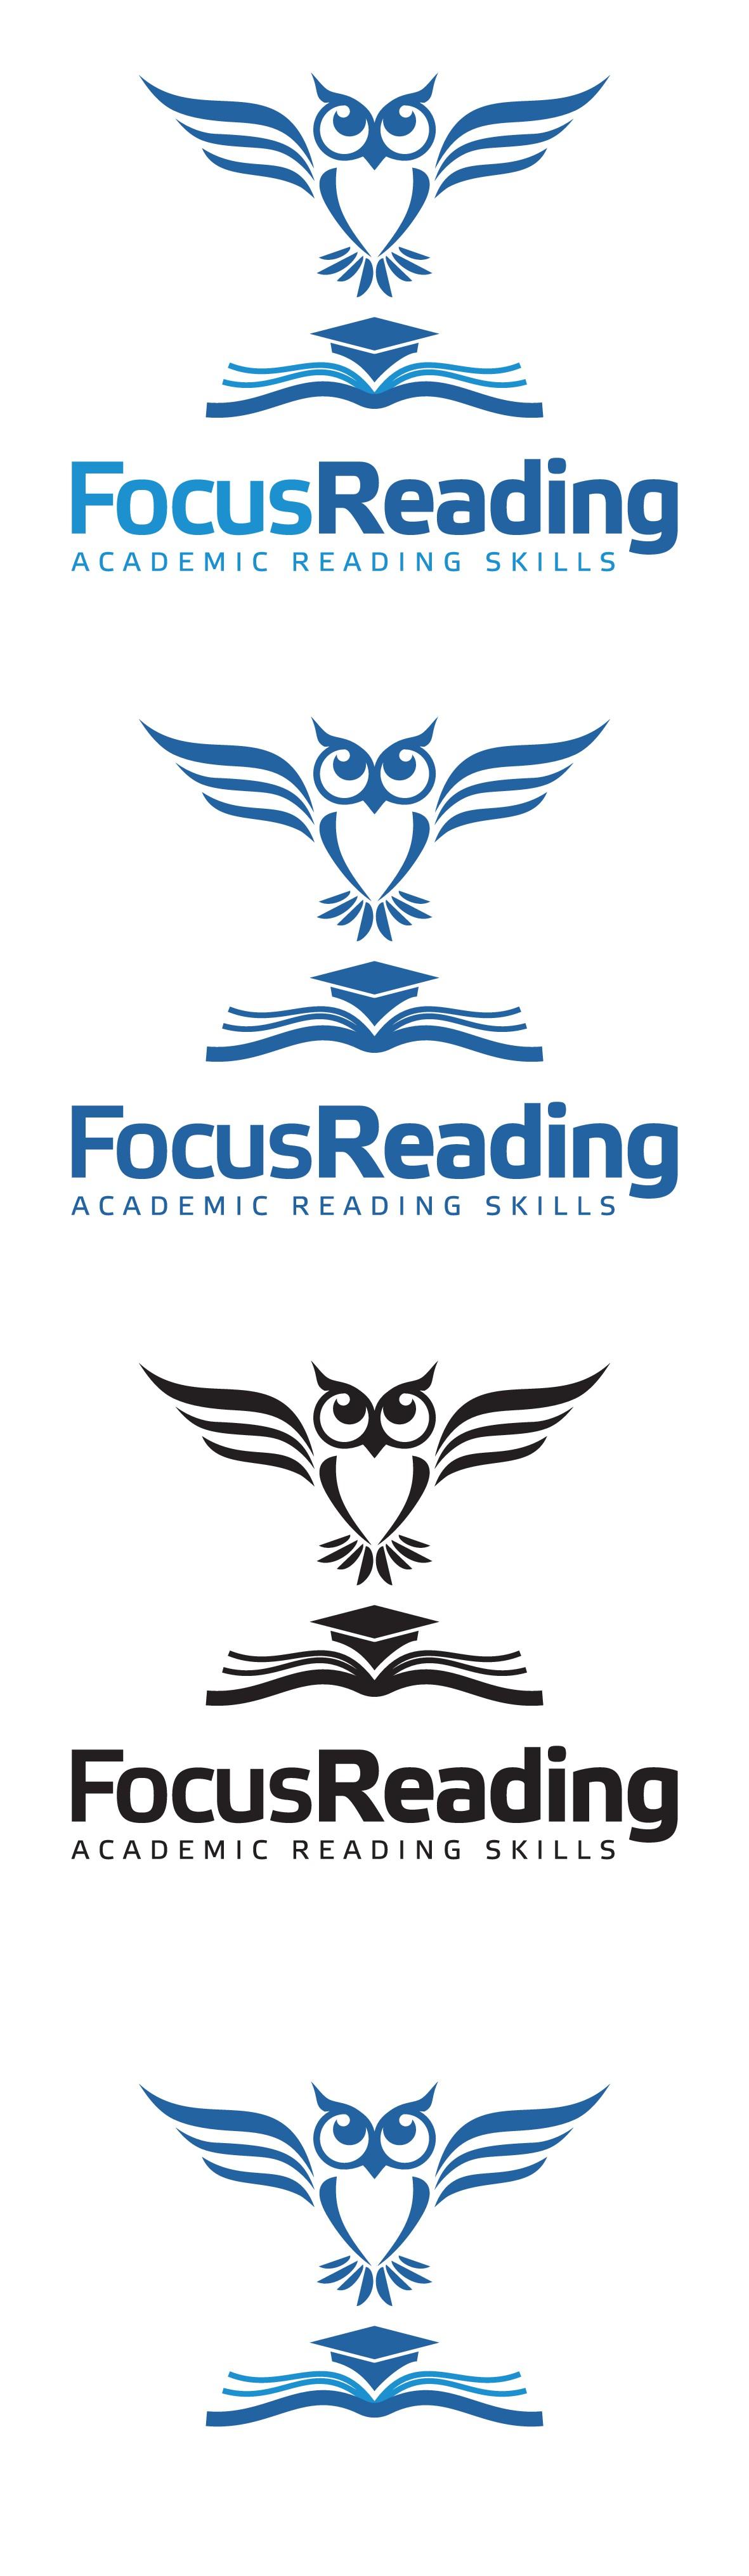 Simple brand image for Focus Reading / 教育と自己成長を真剣に支援する「速読&読書」技法のブランドイメージをシンプルにデザインしてください。